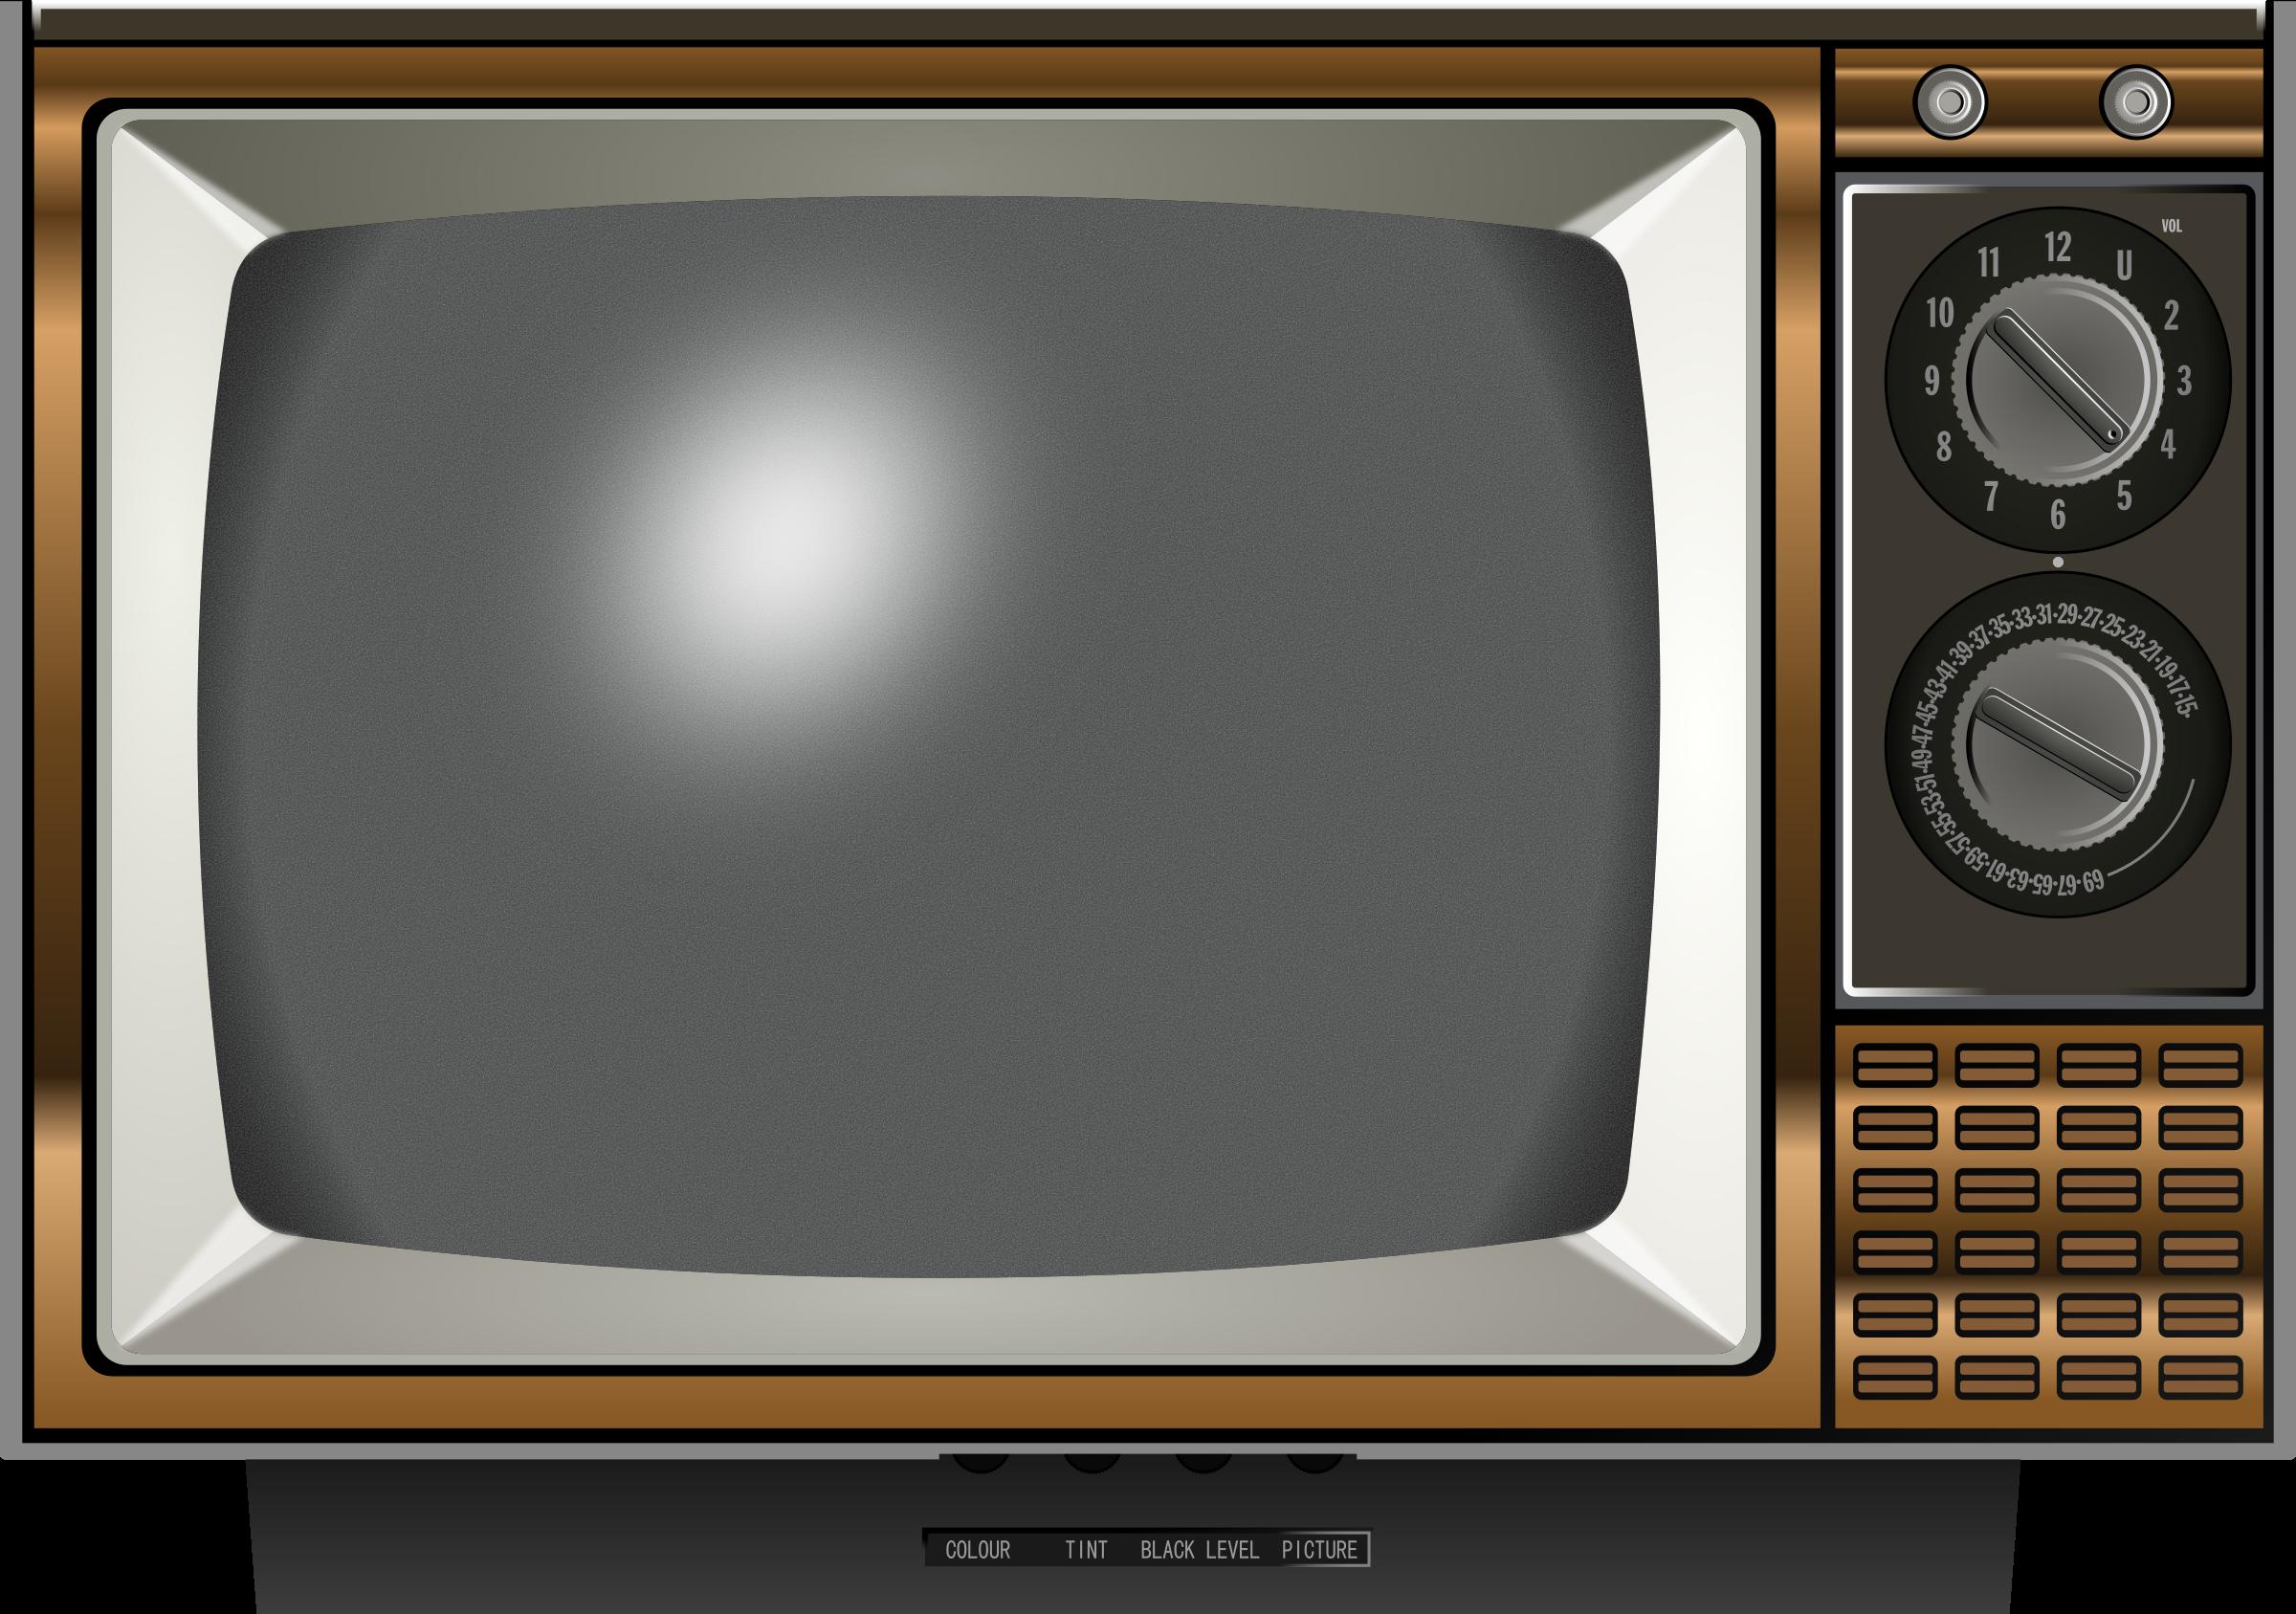 Old Tv 2 Old Tv Tv Framed Tv